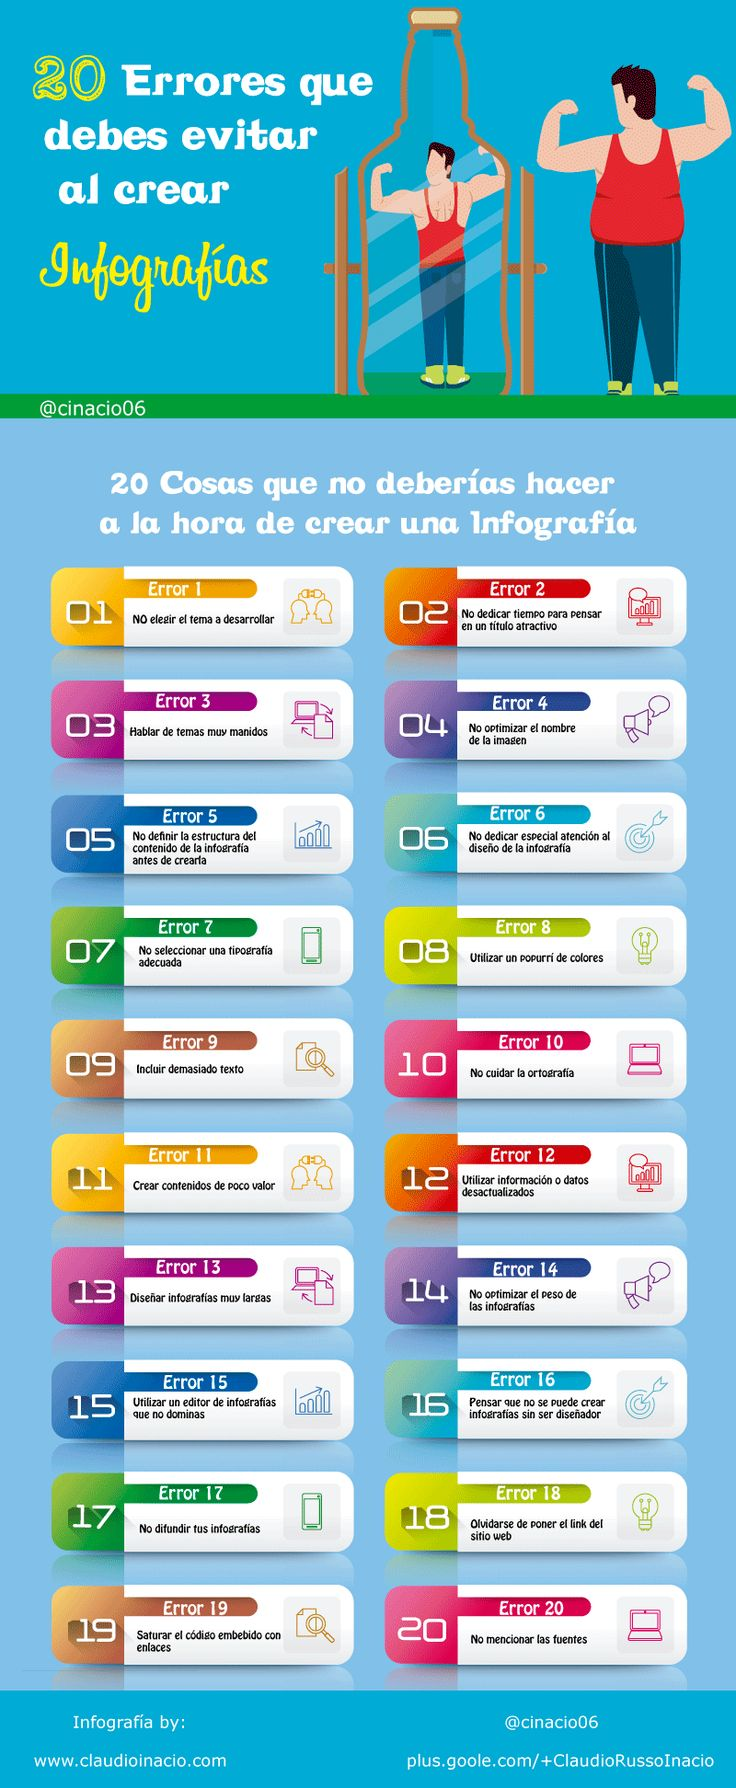 20 Errores a evitar cuándo creas tus infografías #infografia #infographic #design | TICs y Formación